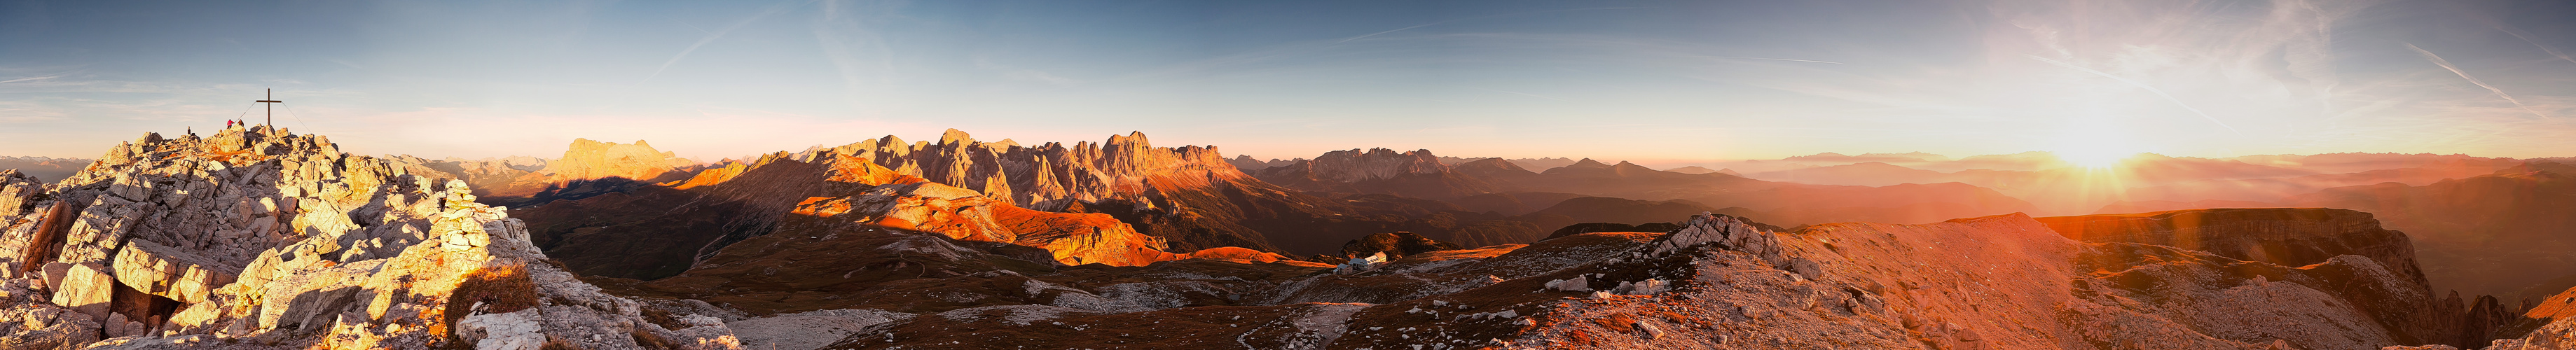 Rosengartengruppe in den Dolomiten